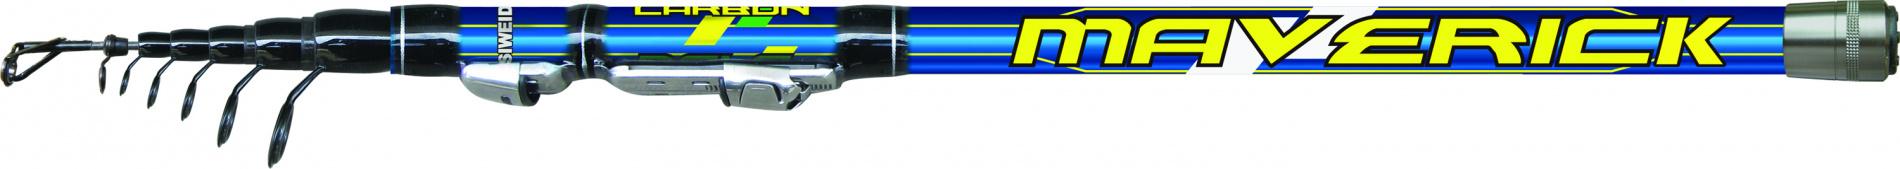 Удилище тел. SWD MAVERICK 3,6м с/к карбон IM8 (EVA Удилища поплавочные<br>Компактное болонское удилище серии MAVERICK <br>длиной 3,6м очень удобно при транспортировке <br>благодаря длине в собранном состоянии всего <br>50см. Выполнено из высокомодульного графита <br>IM8. Комплектуется легкими высококачественными <br>кольцами SIC на высоких ножках и быстродействующим <br>катушкодержателем Clip Up. Несмотря на большое <br>количество секций, обладает высокой надежностью <br>и жестким строем, характерным для удилищ <br>стандартного размера. Позволяет делать <br>заброс оснастки на большие расстояния благодаря <br>отличному быстрому строю.<br>